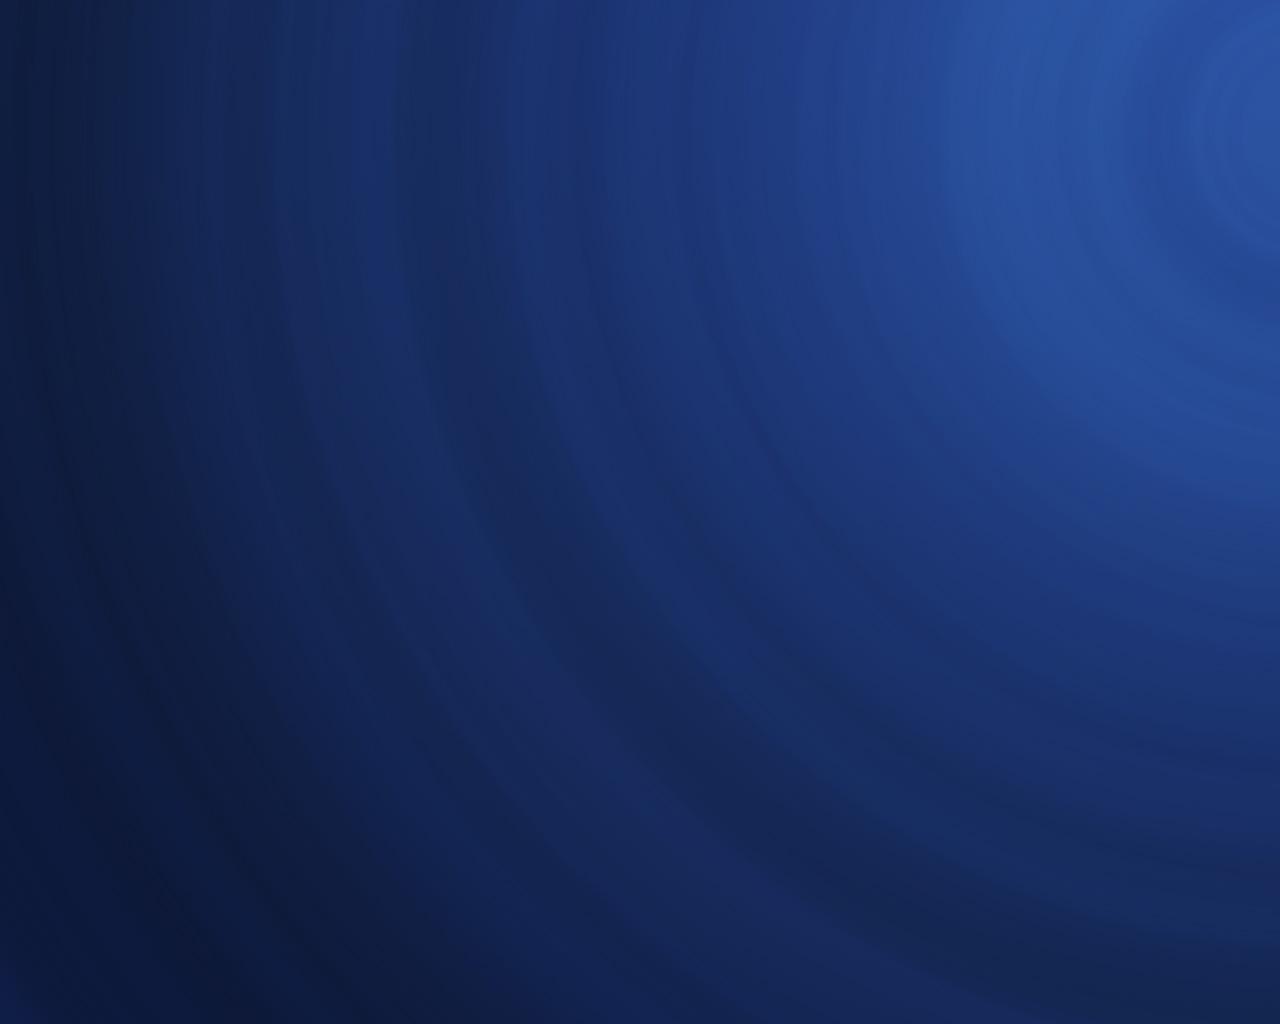 wallpaper Plain Blue Backgrounds hd wallpaper background desktop 1280x1024